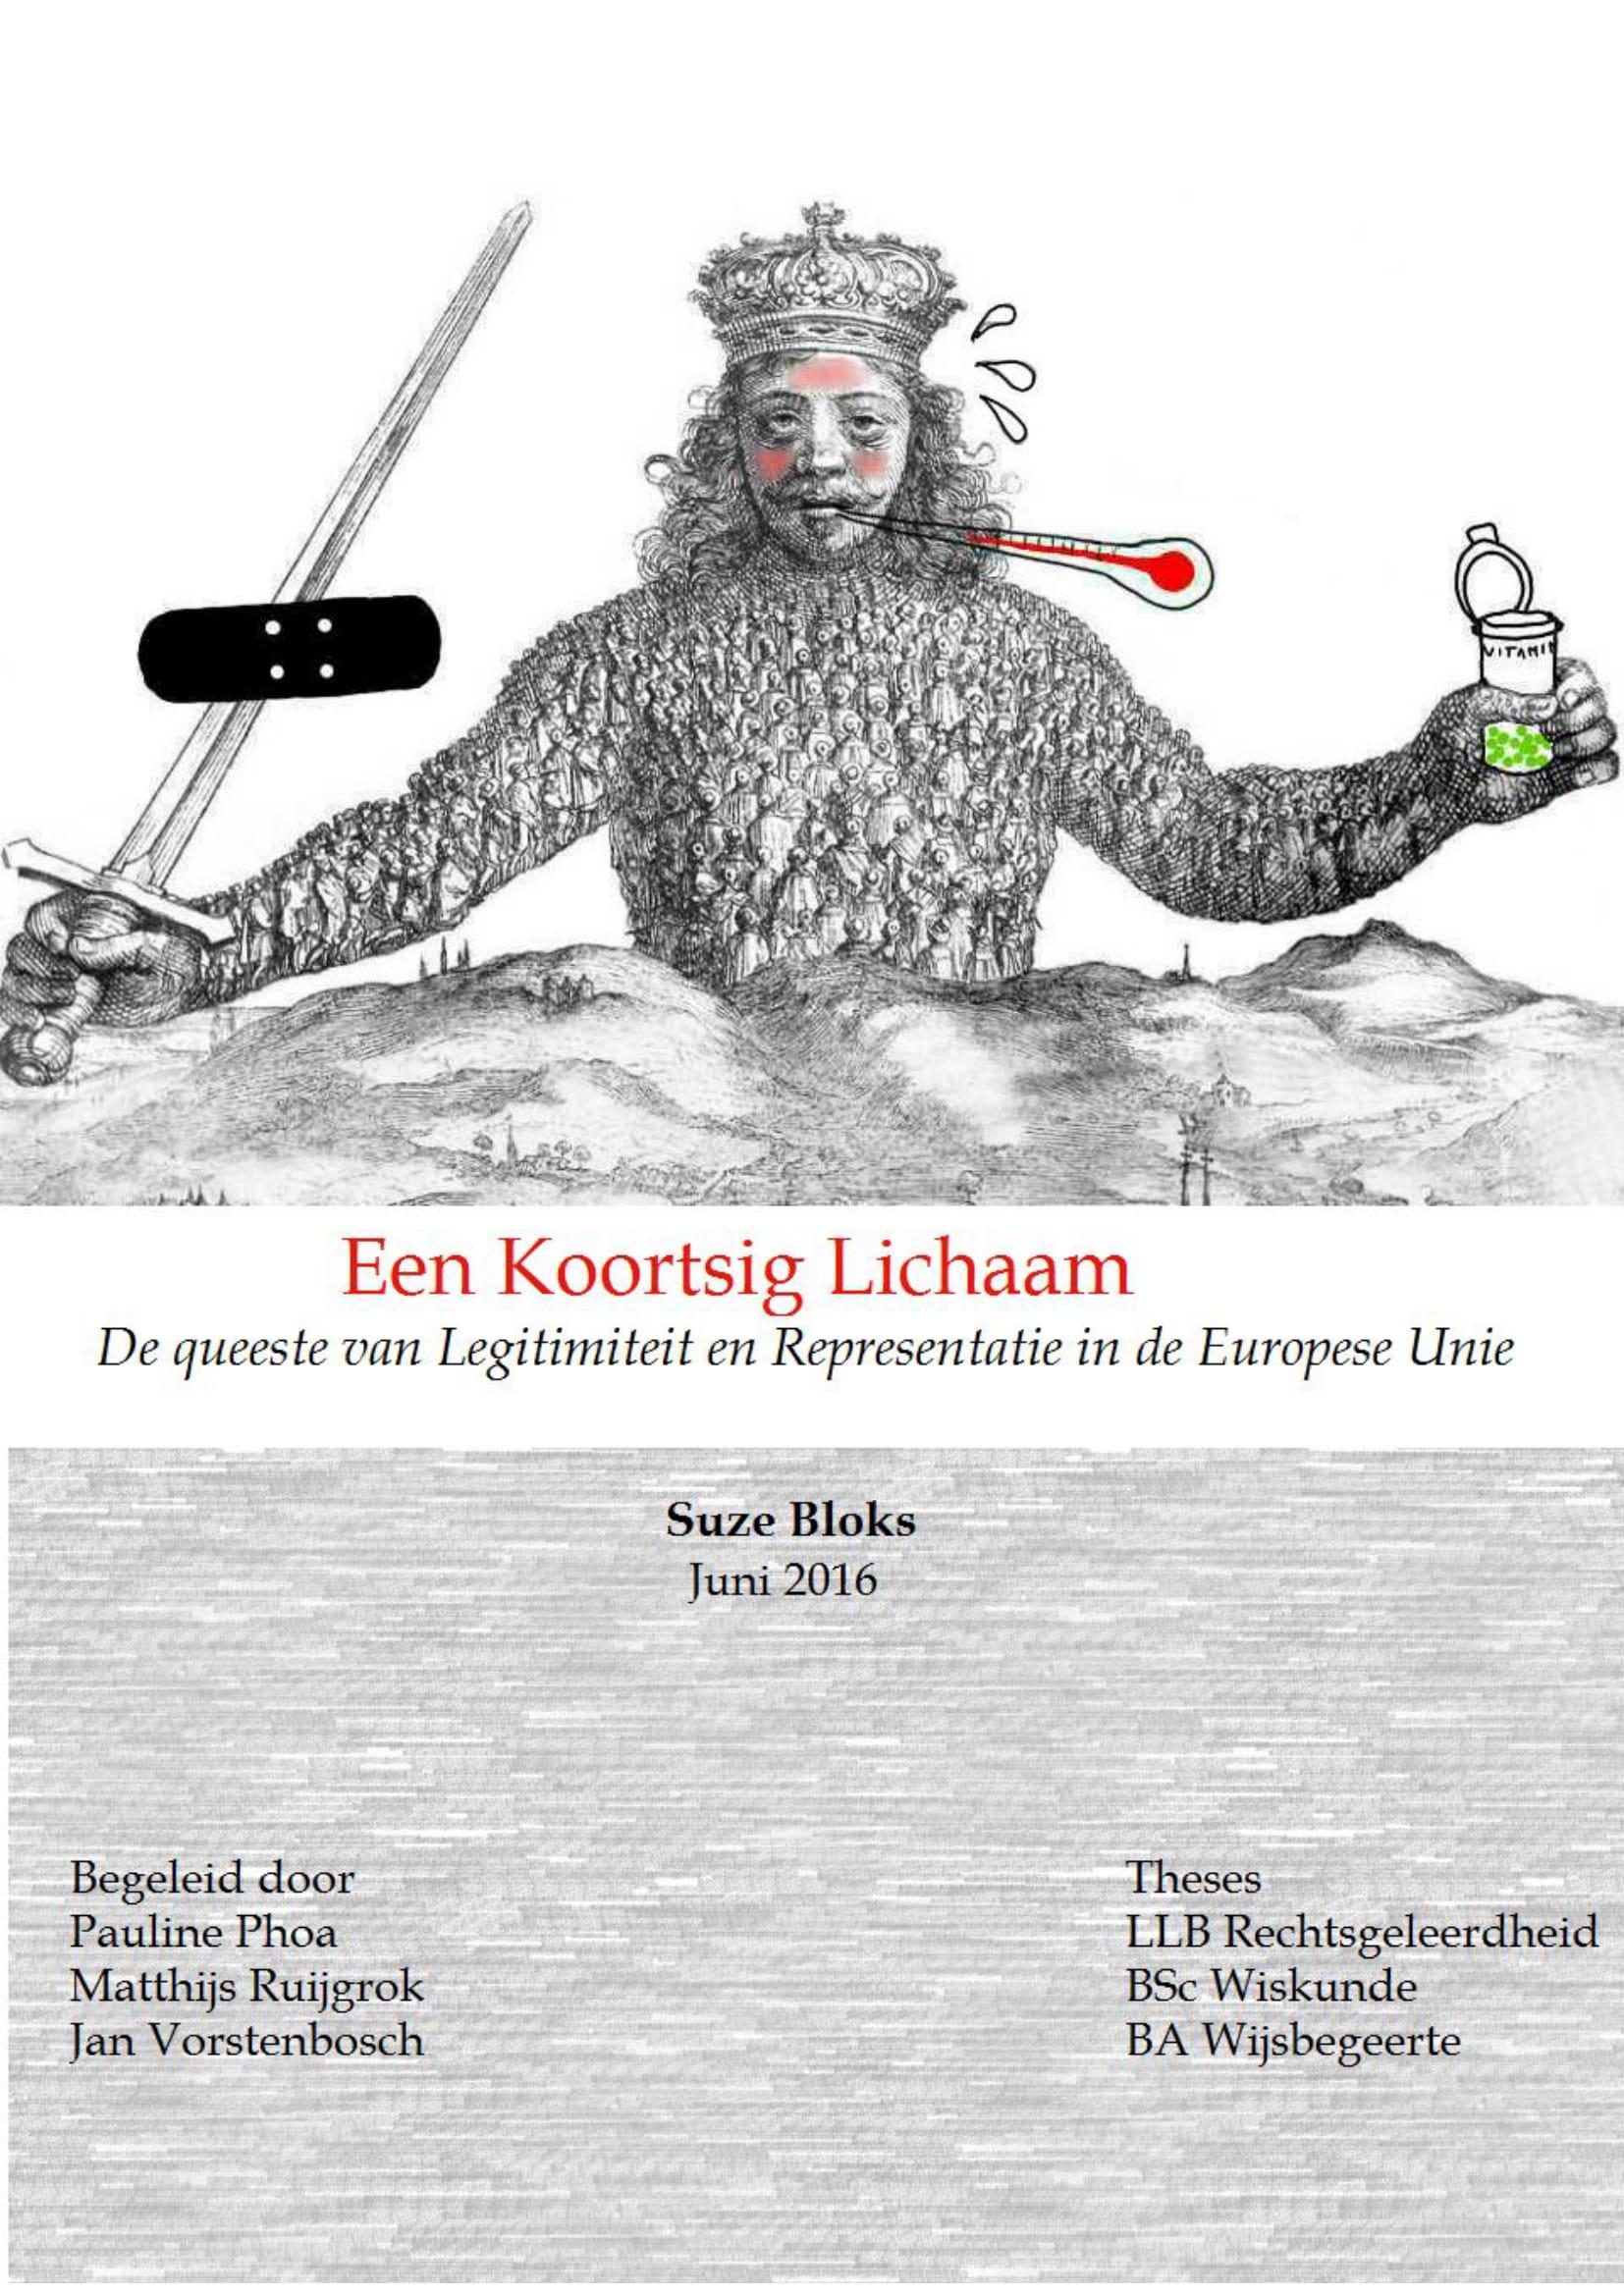 Een Koortsig Lichaam. De queeste van Legitimiteit en Representatie in de Europese Unie.